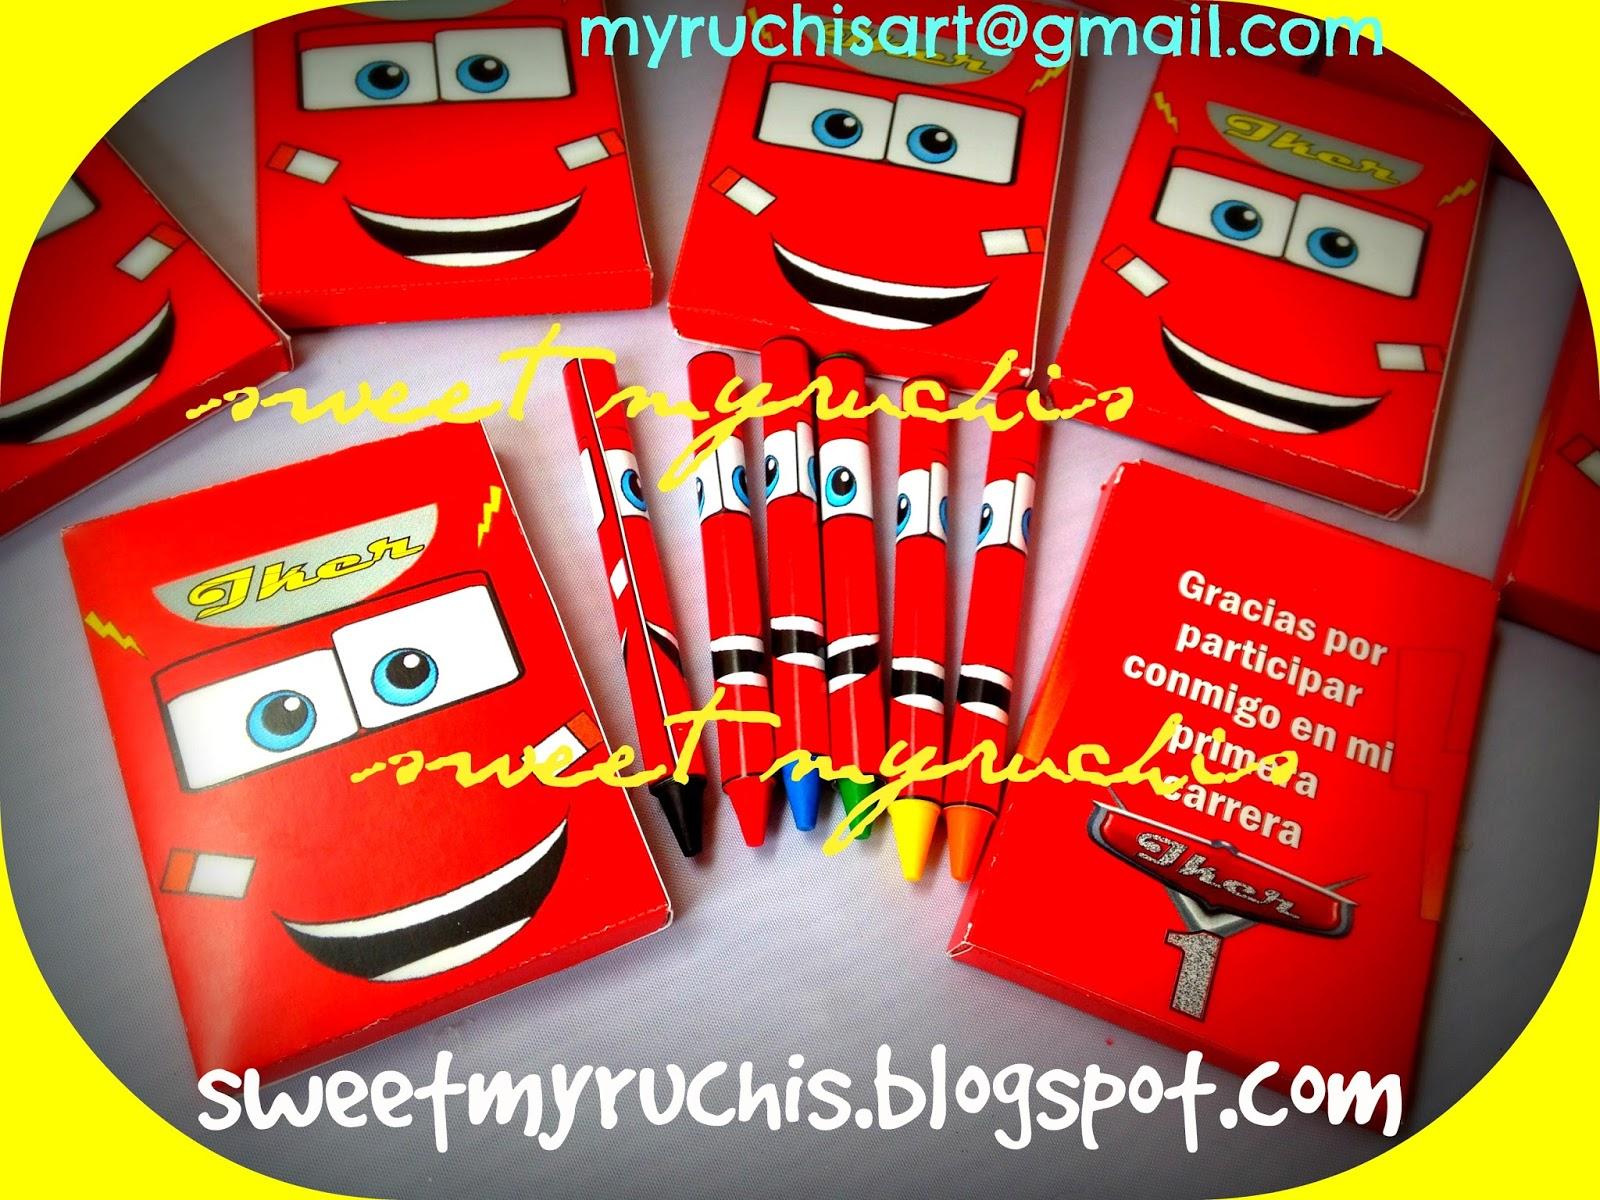 2015 | Eventos Sweet Myruchis